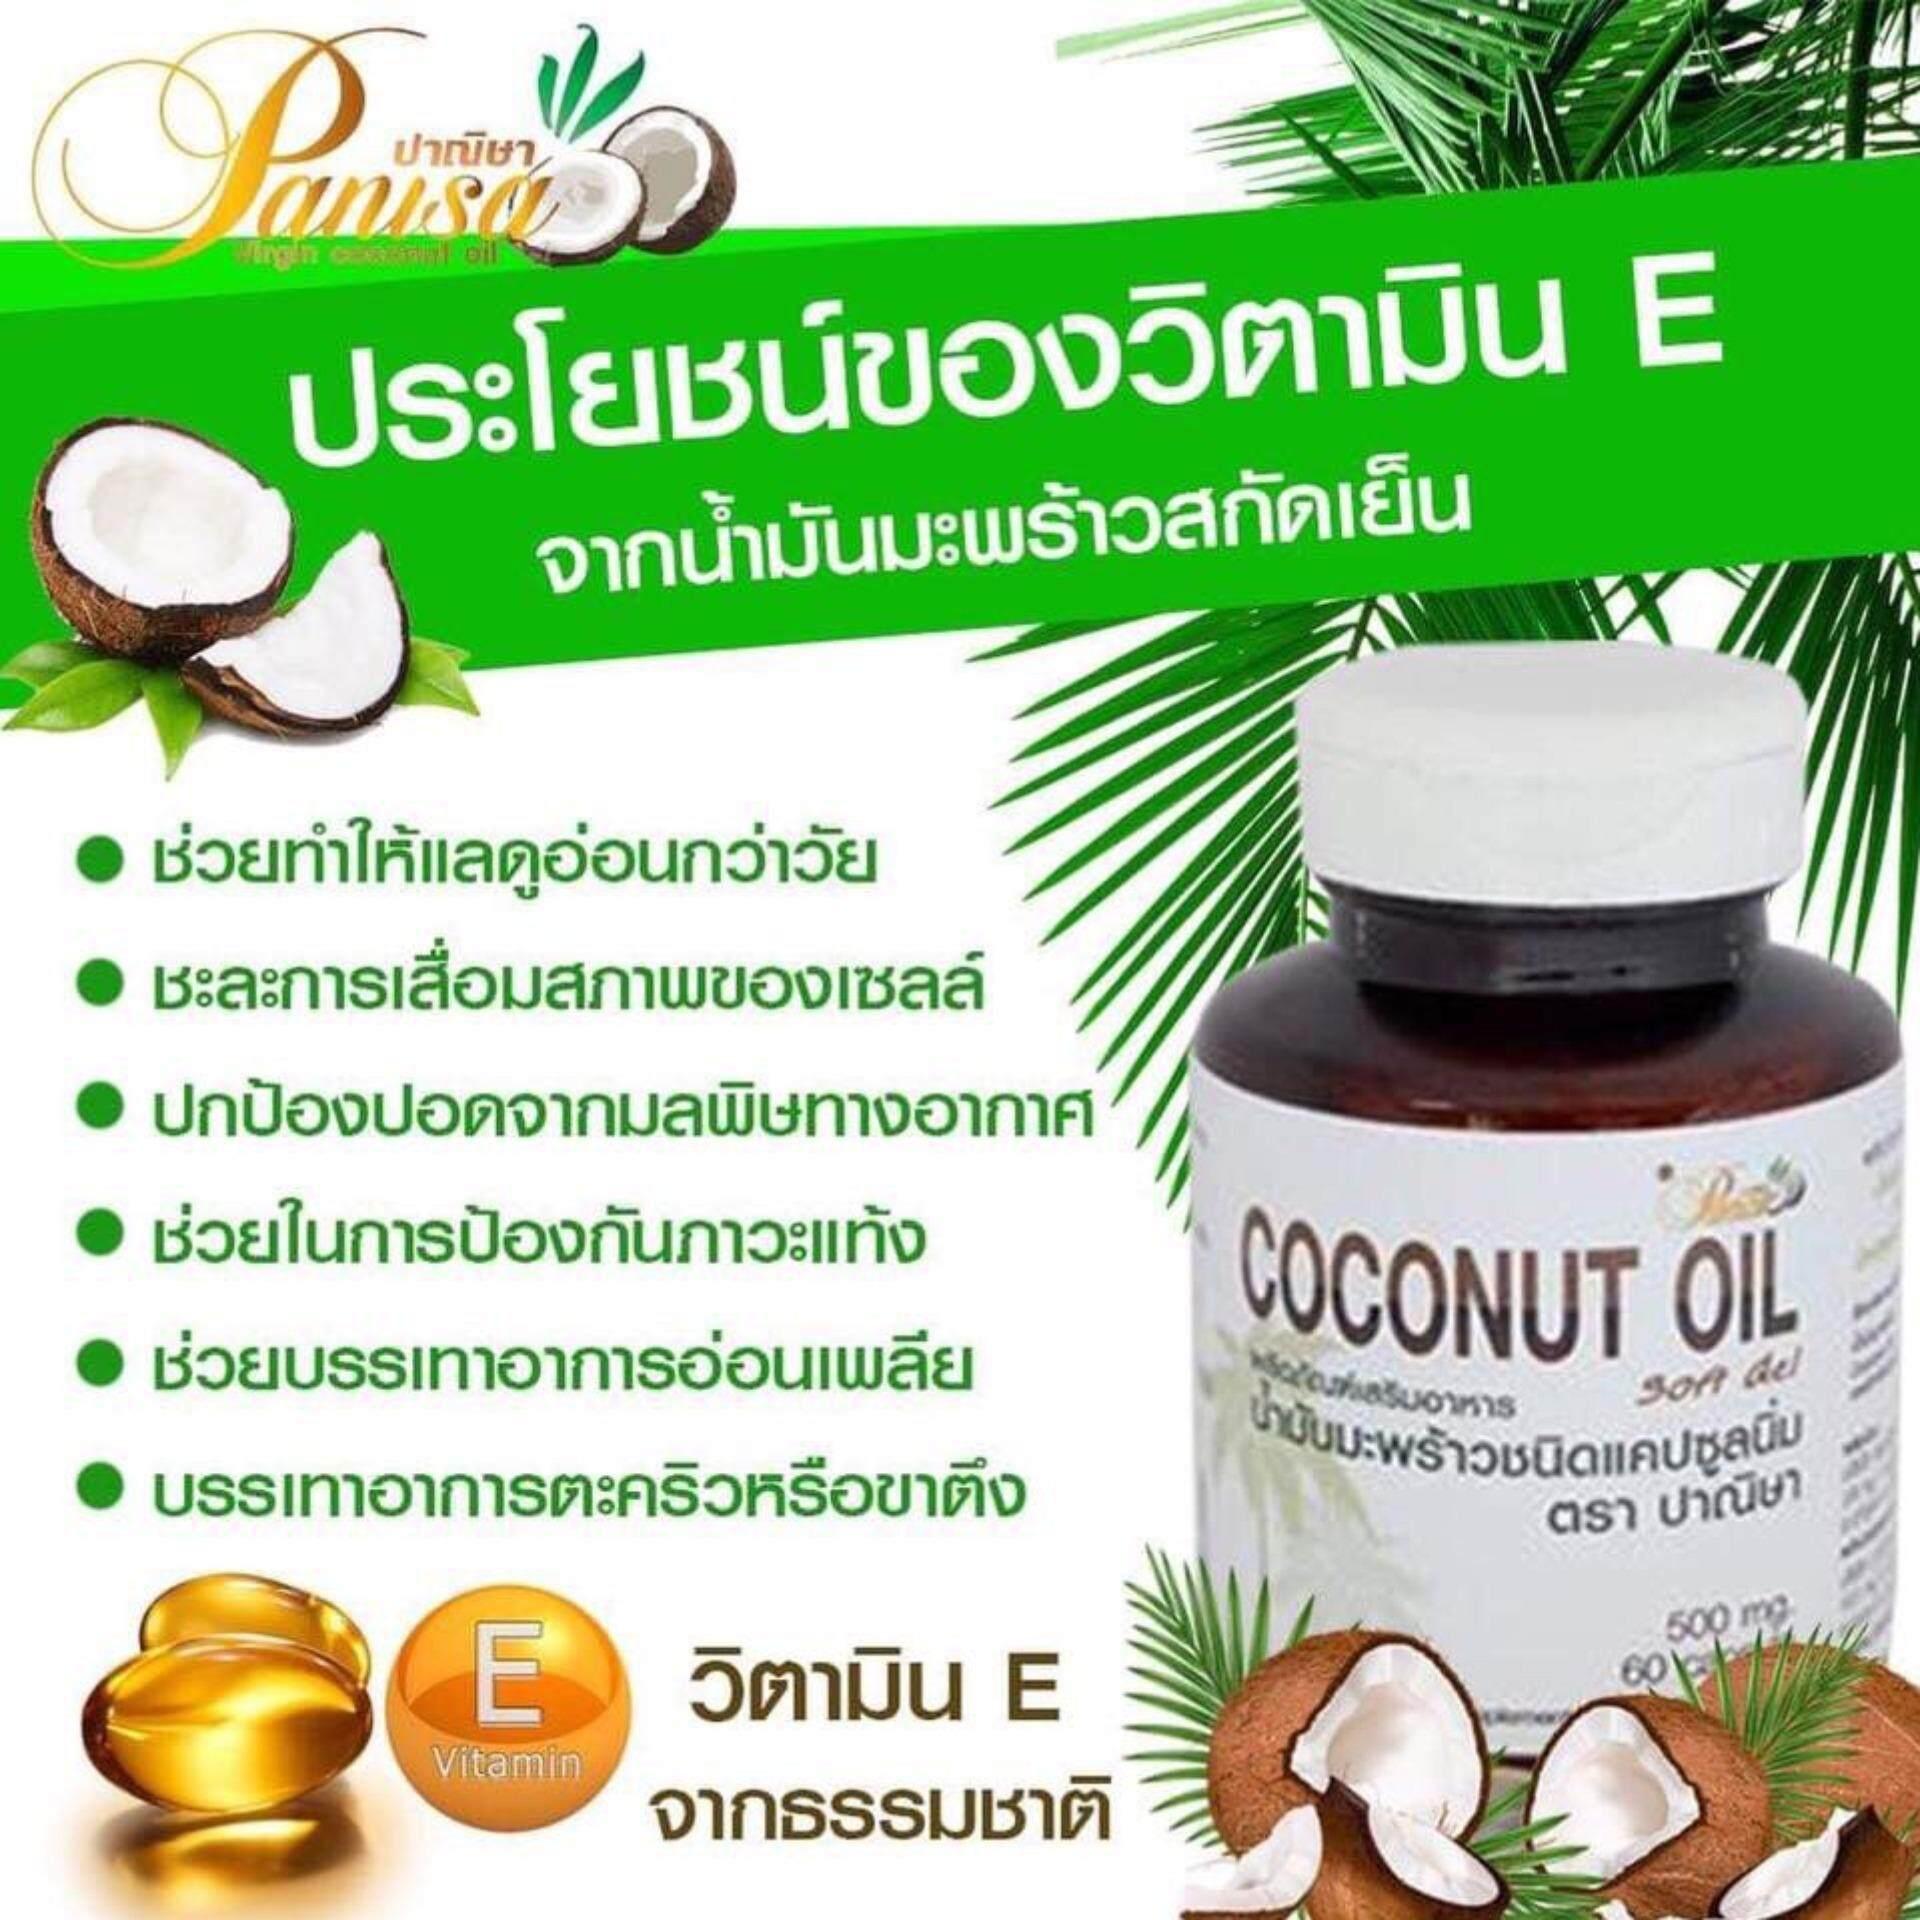 น้ำมันมะพร้าวสกัดเย็น ชนิดแคปซูล 500 Mg. Capsule Gel Virgin Coconut Oil.